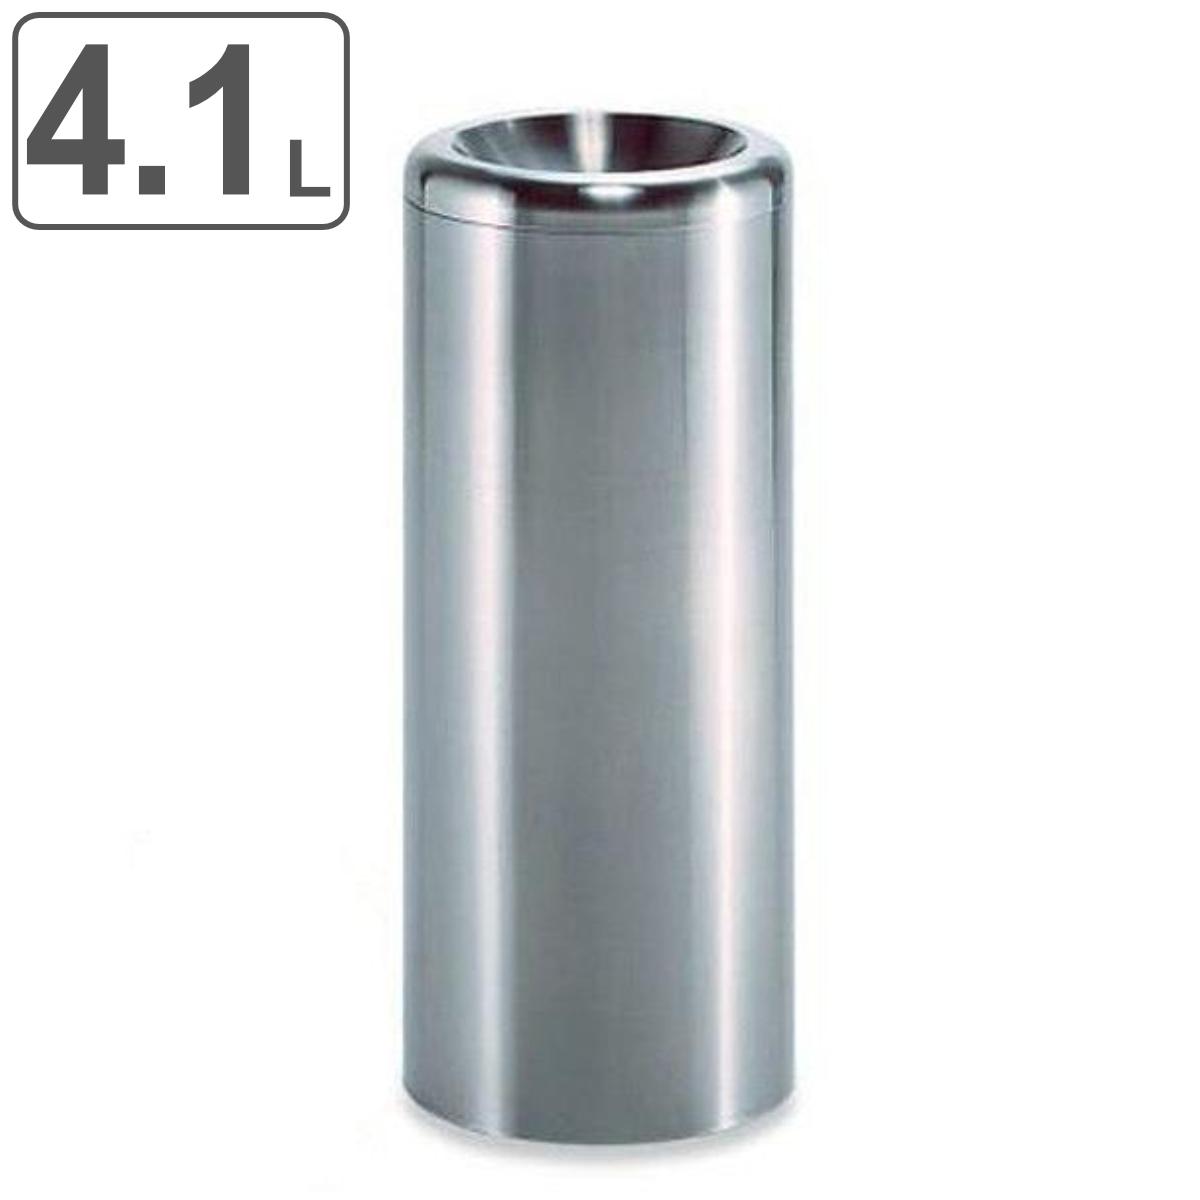 灰皿 スタンド丸型 ステンレス製 4.1L SM-125 ( 送料無料 スモーキングスタンド 吸いがら入れ ) 【3980円以上送料無料】